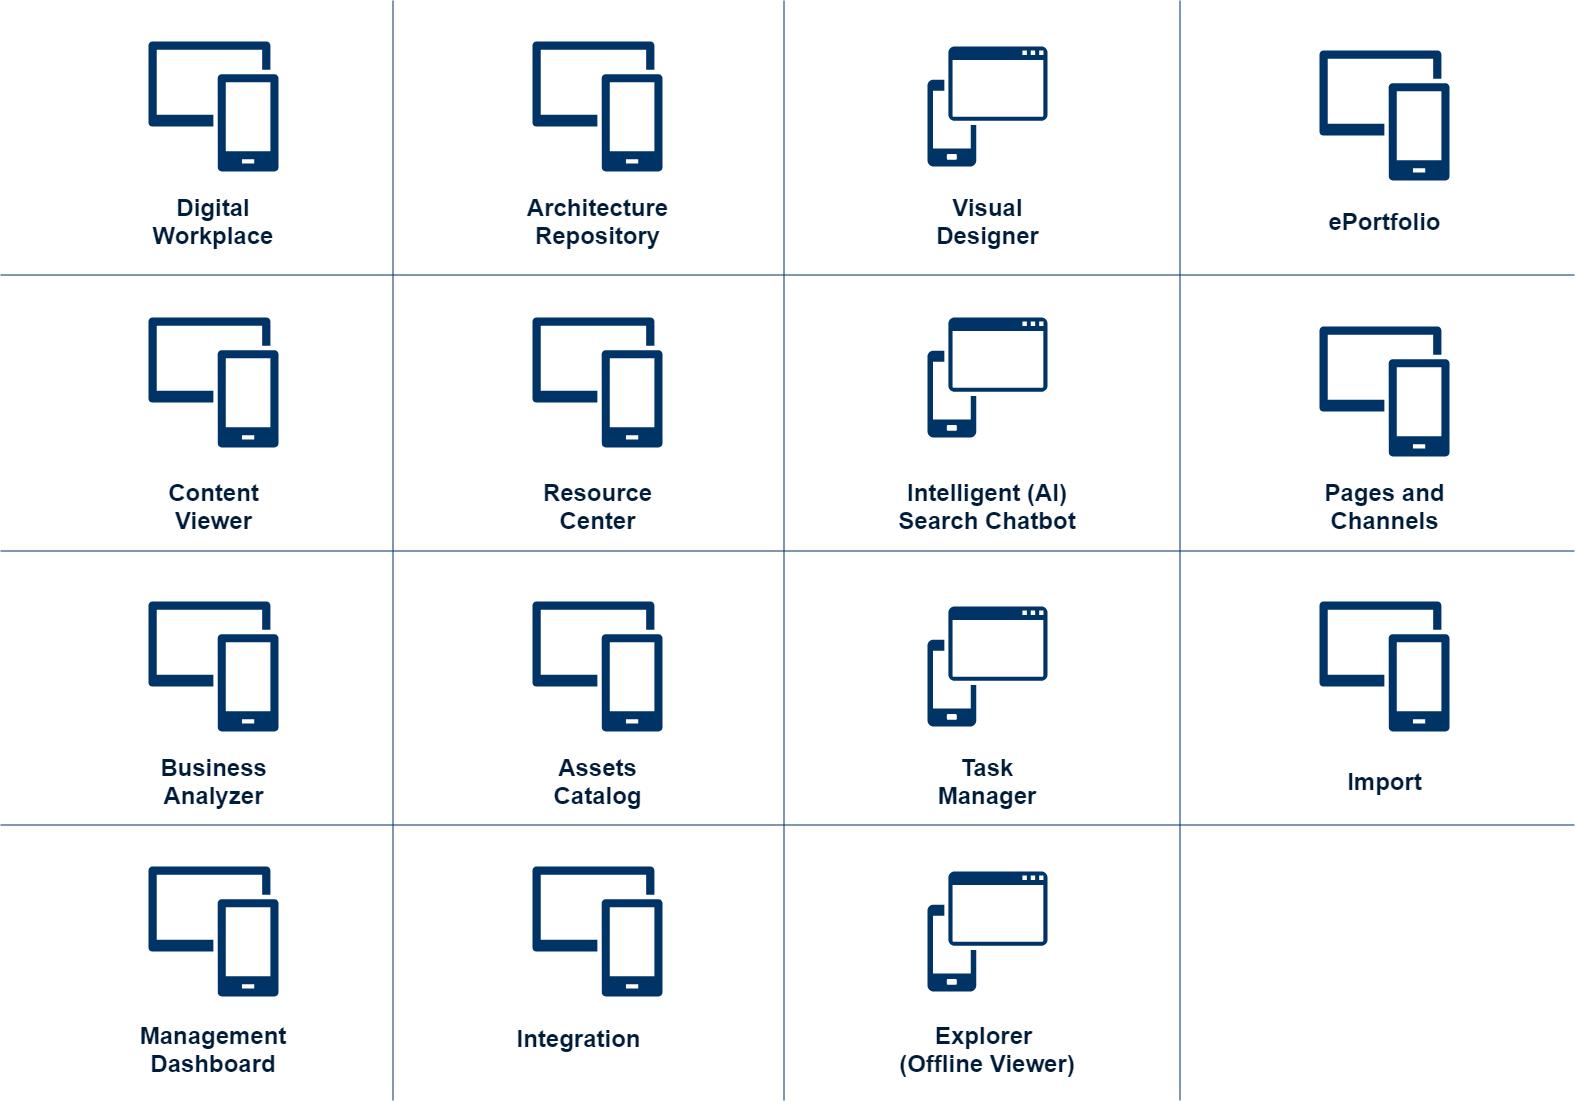 dragon1 web applications suite